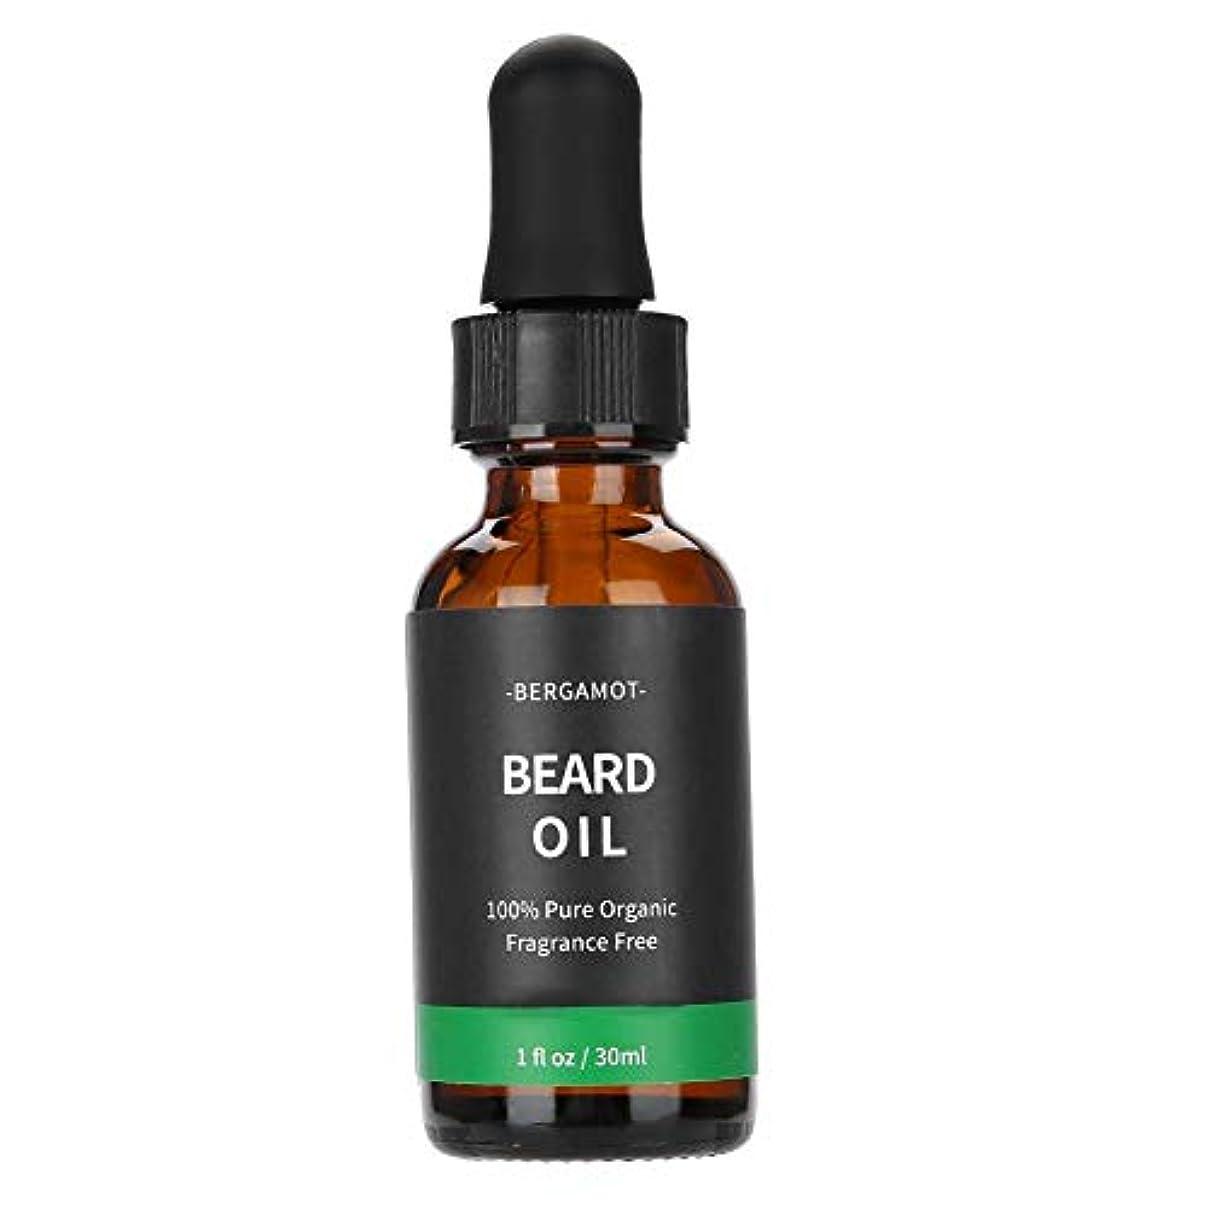 ひげのコンディショナーおよびオイル、ふけを減らすためのアルガンオイルおよびヒマラヤスギオイルが含まれています男性のためのひげおよび口ひげを柔らかくし、増強します